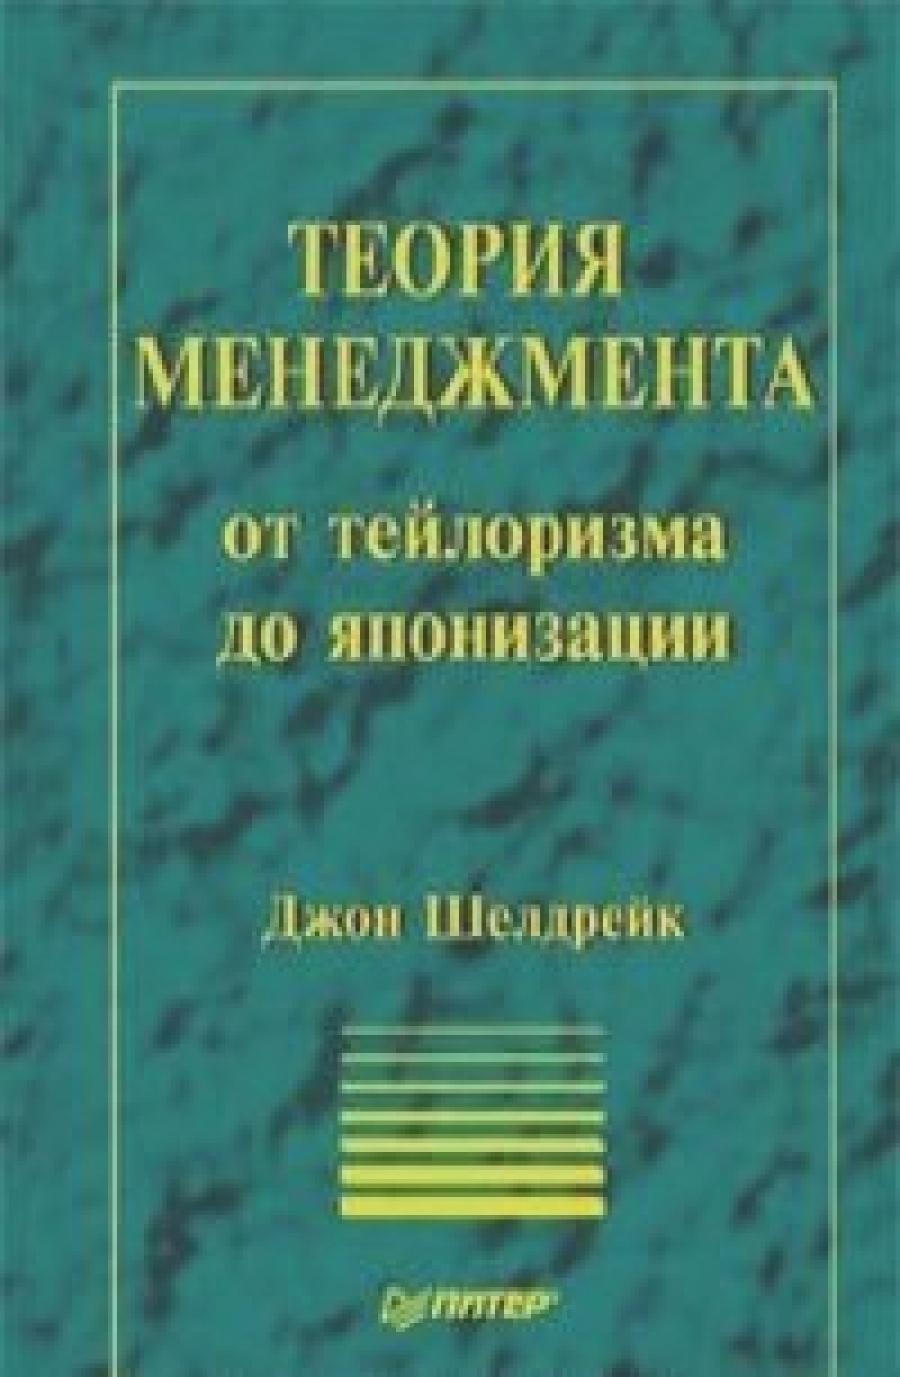 Обложка книги:  джон шелдрейк - теория менеджмента от тейлоризма до японизации